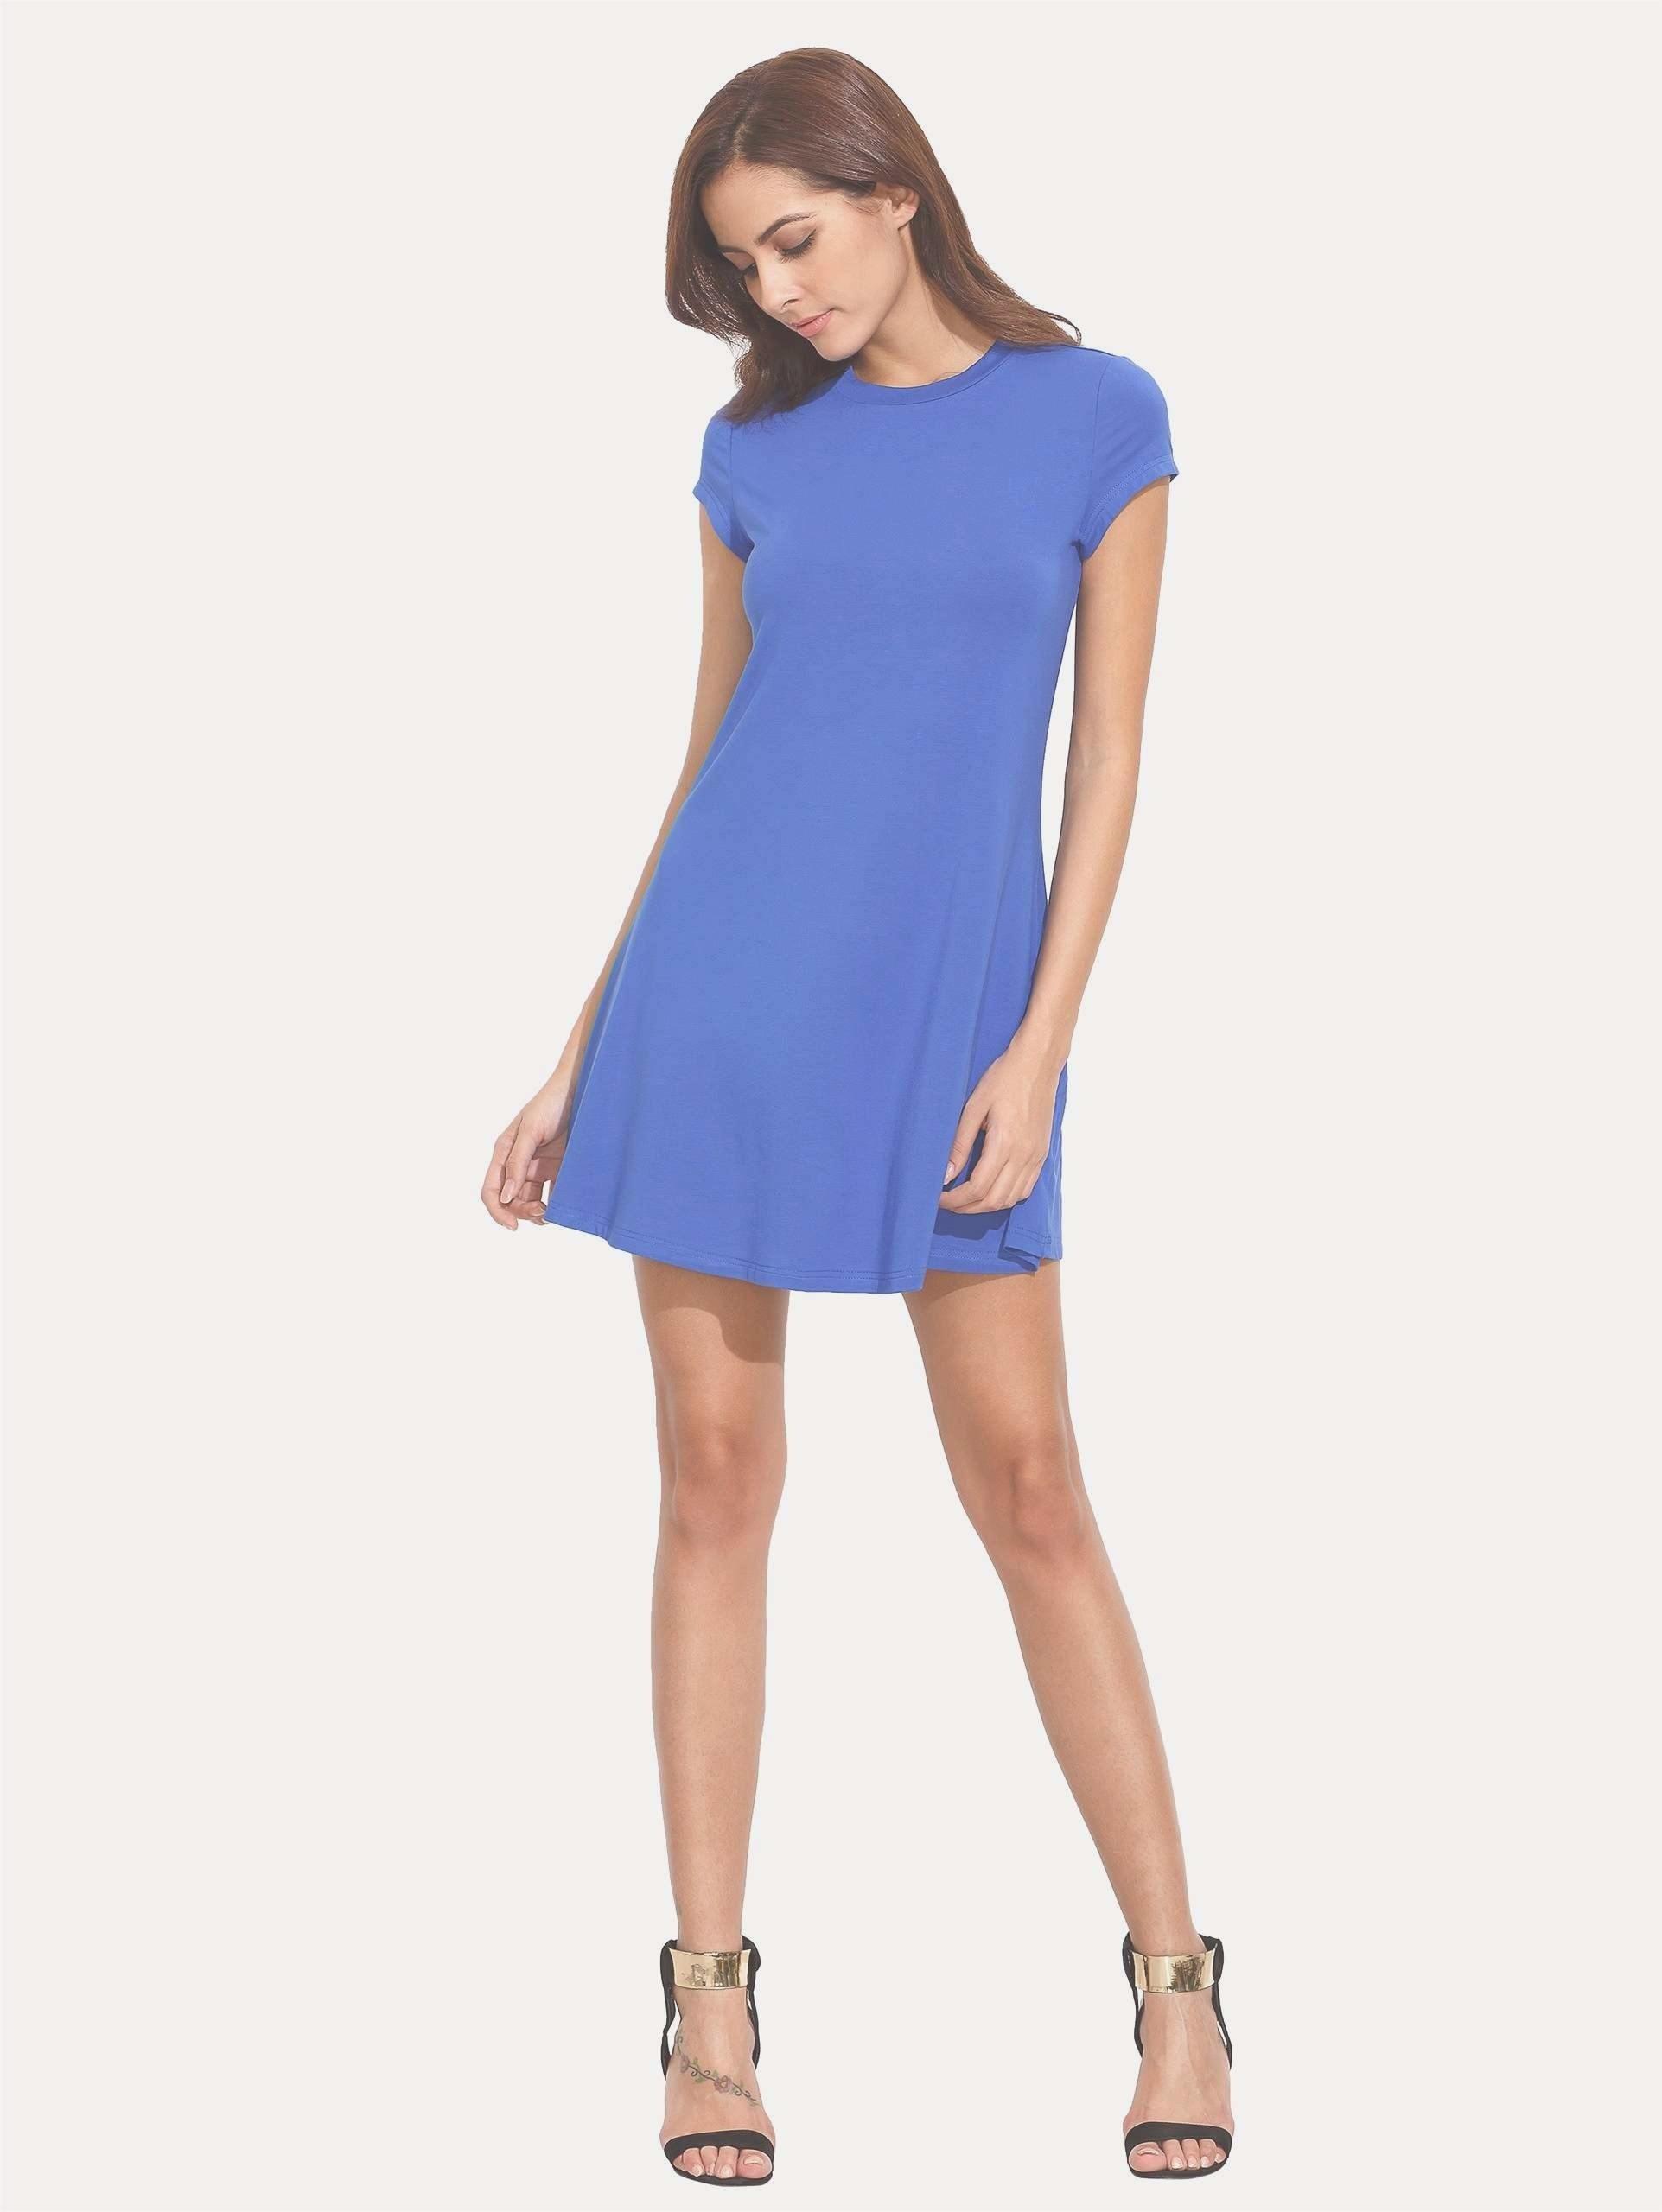 Formal Coolste Dunkelblaues Kleid Kurz Galerie17 Luxurius Dunkelblaues Kleid Kurz Design